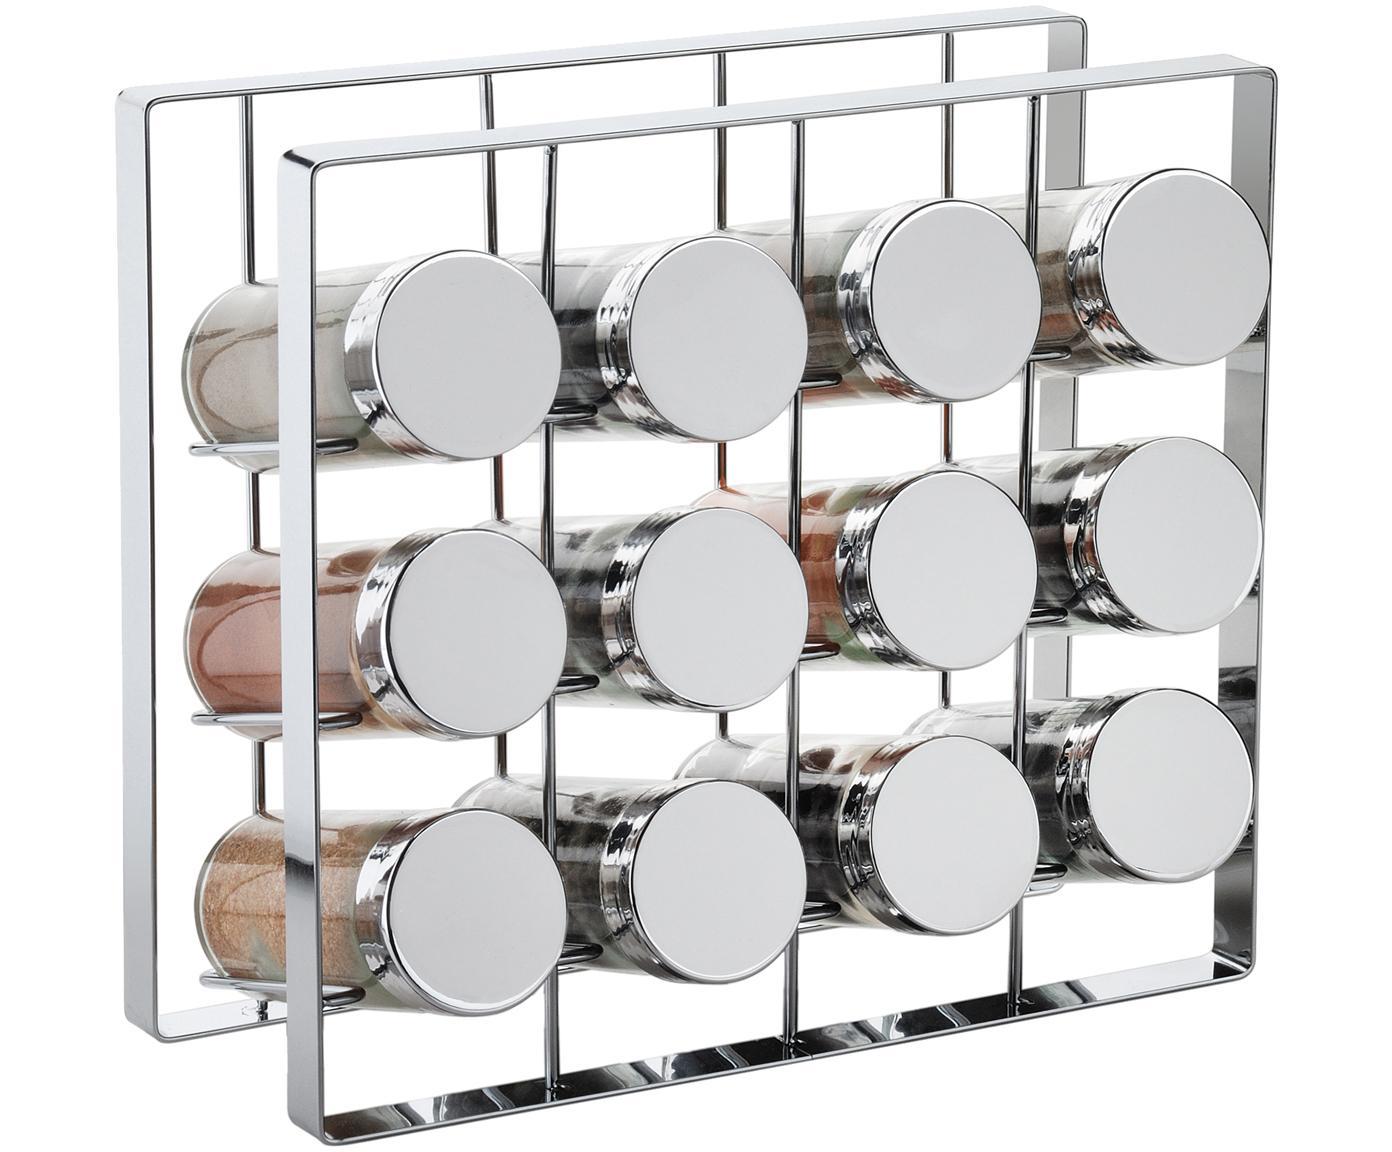 Portaspezie Spices, set di 13, Struttura: metallo verniciato, Contenitori: vetro, Coperchio: alluminio verniciato, Argento, Larg. 24 x Alt. 22 cm